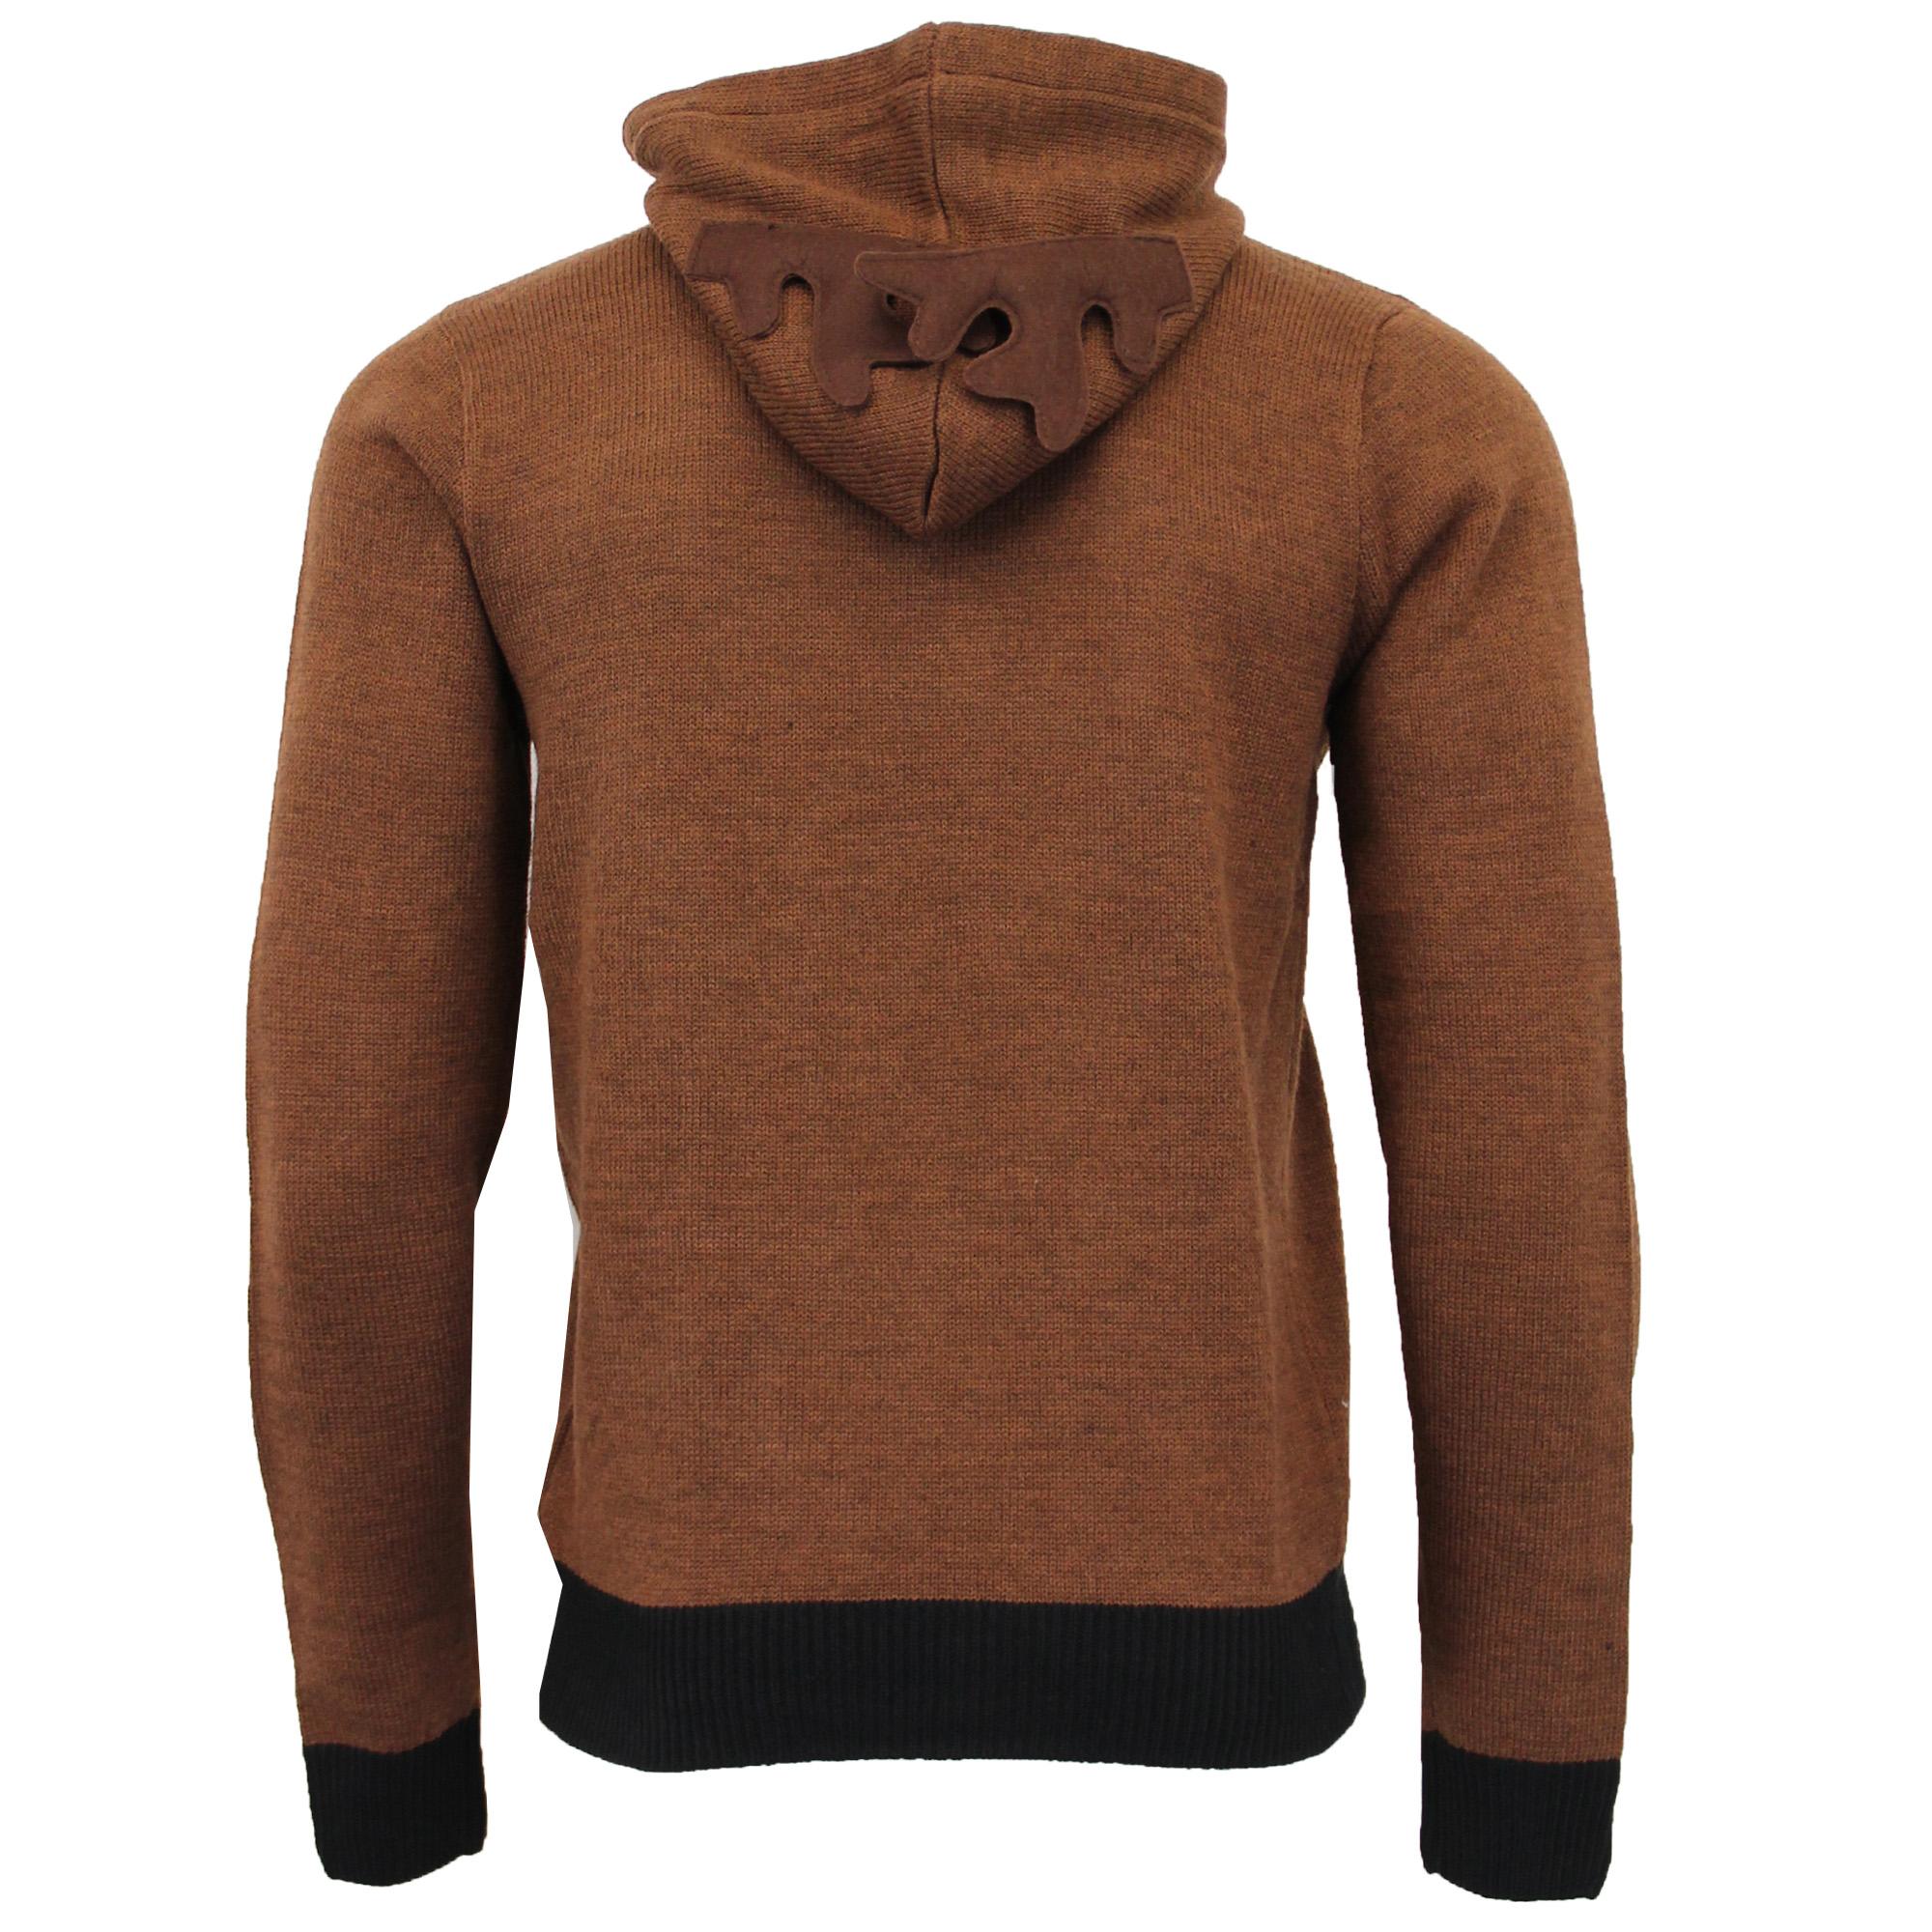 stylish christmas knitted novelty jumper. new unisex christmas jumpers. ideal christmas gift for love ones. machine washable.